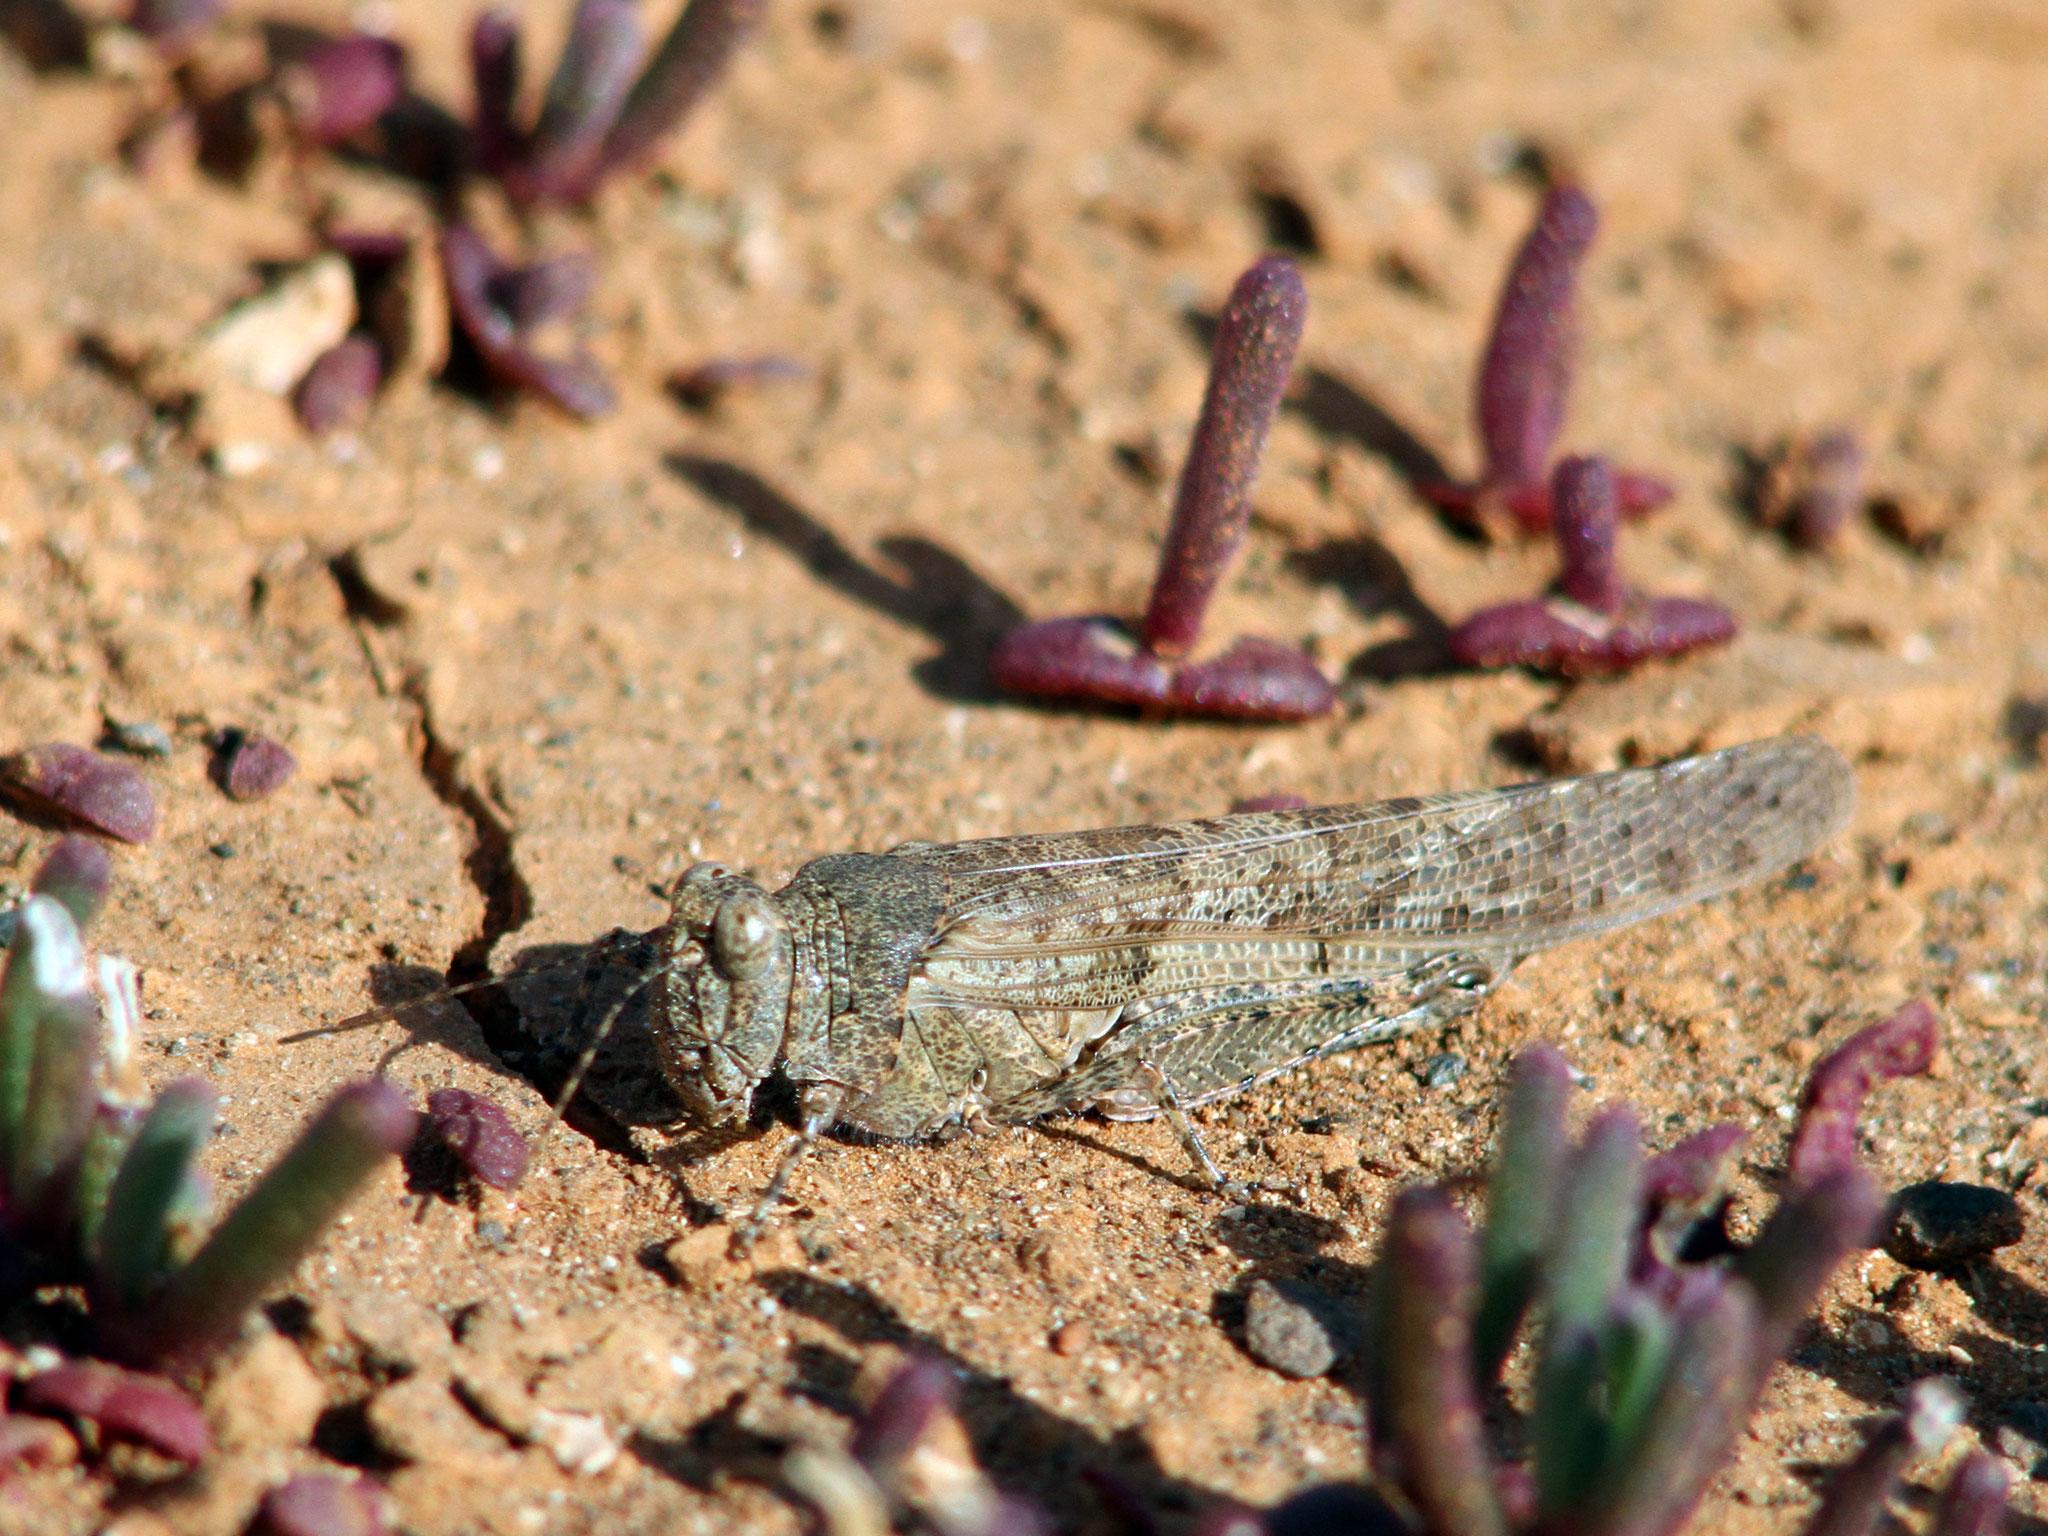 Zwischen den Pflanzen zeigt sich eine Sandschrecke (Sphingonotus rubescens)